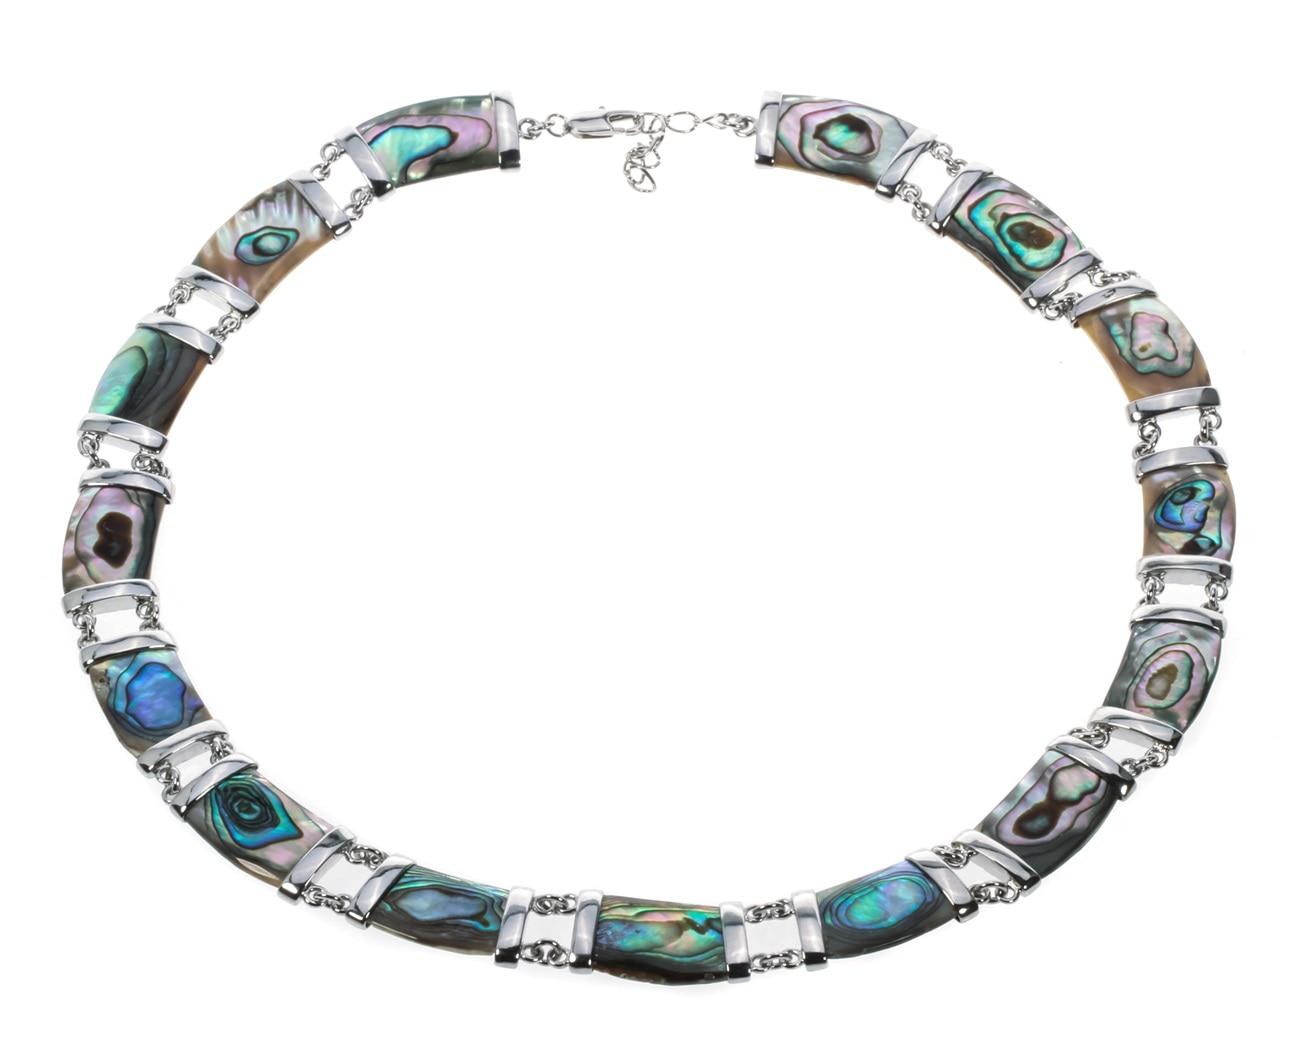 Collier en coquillage d'ormeau naturel bijoux de mode ras du cou cadeaux d'anniversaire réglables pour les femmes maman sa femme petite amie I006 livraison directe